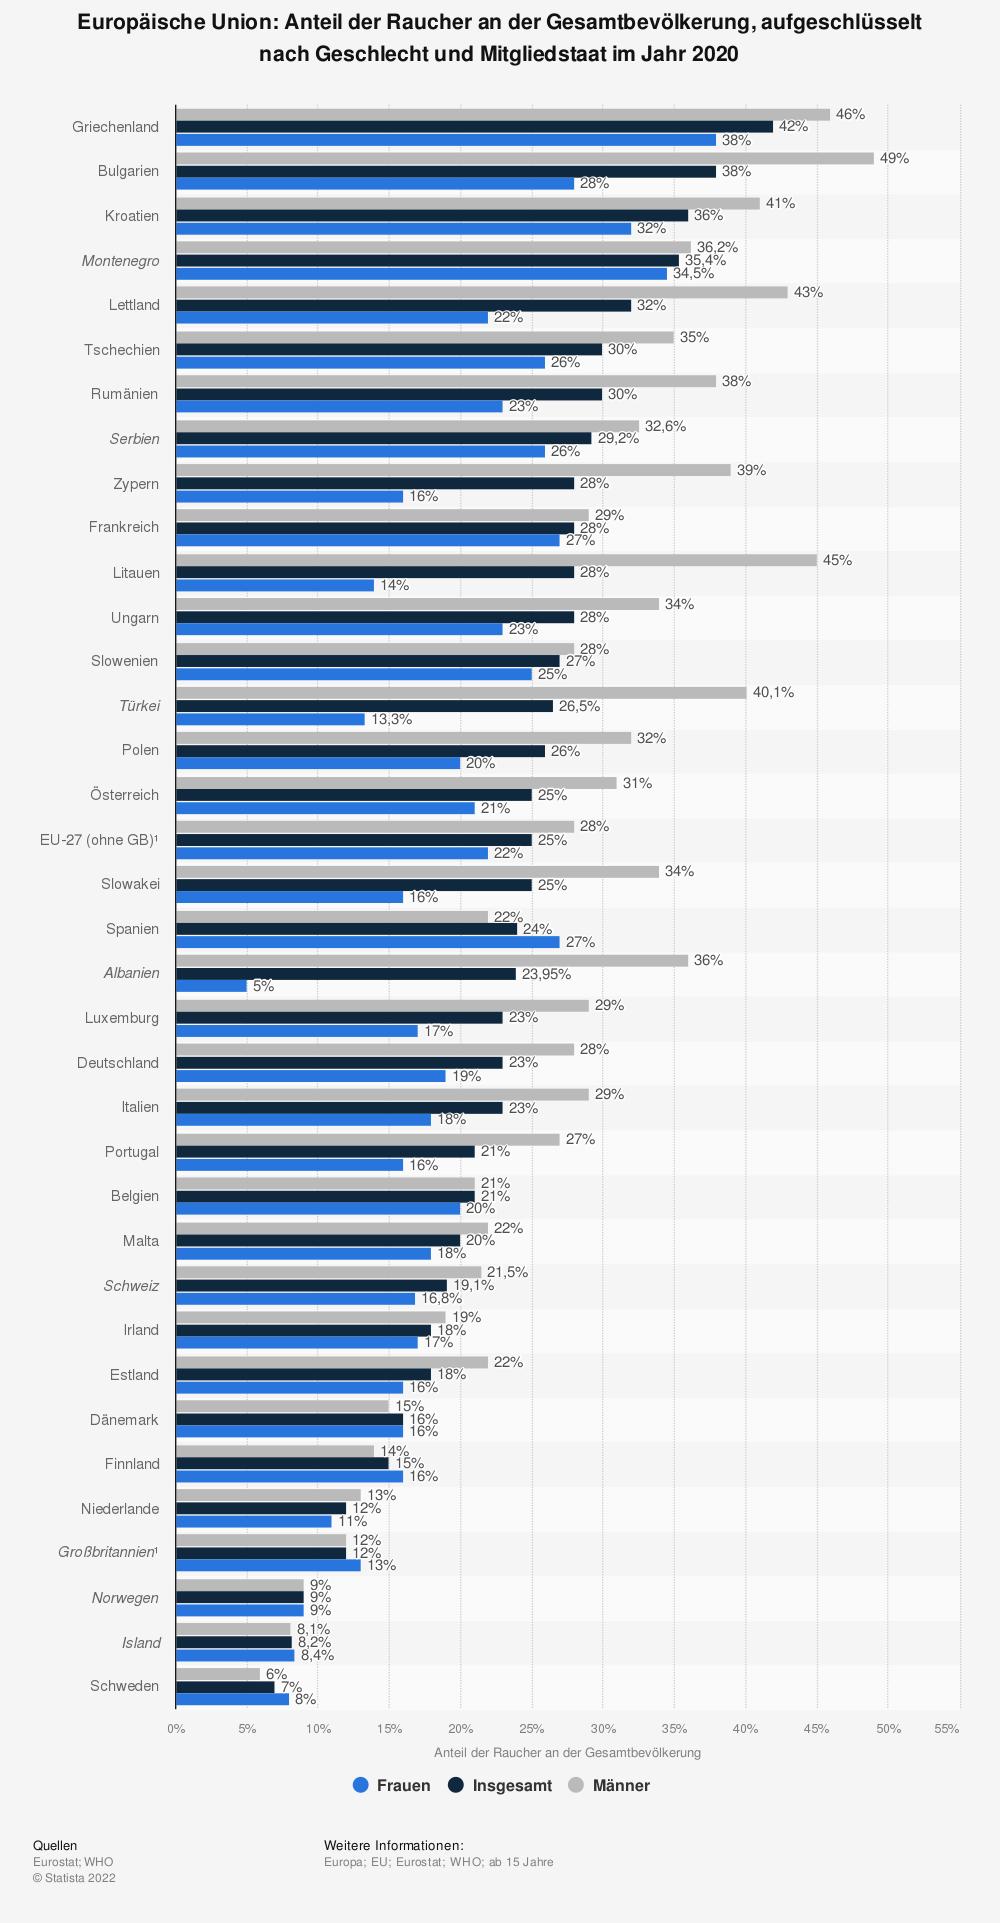 Statistik: Europäische Union: Anteil der Raucher an der Gesamtbevölkerung, aufgeschlüsselt nach Geschlecht und Mitgliedsstaat im Jahr 2017 | Statista